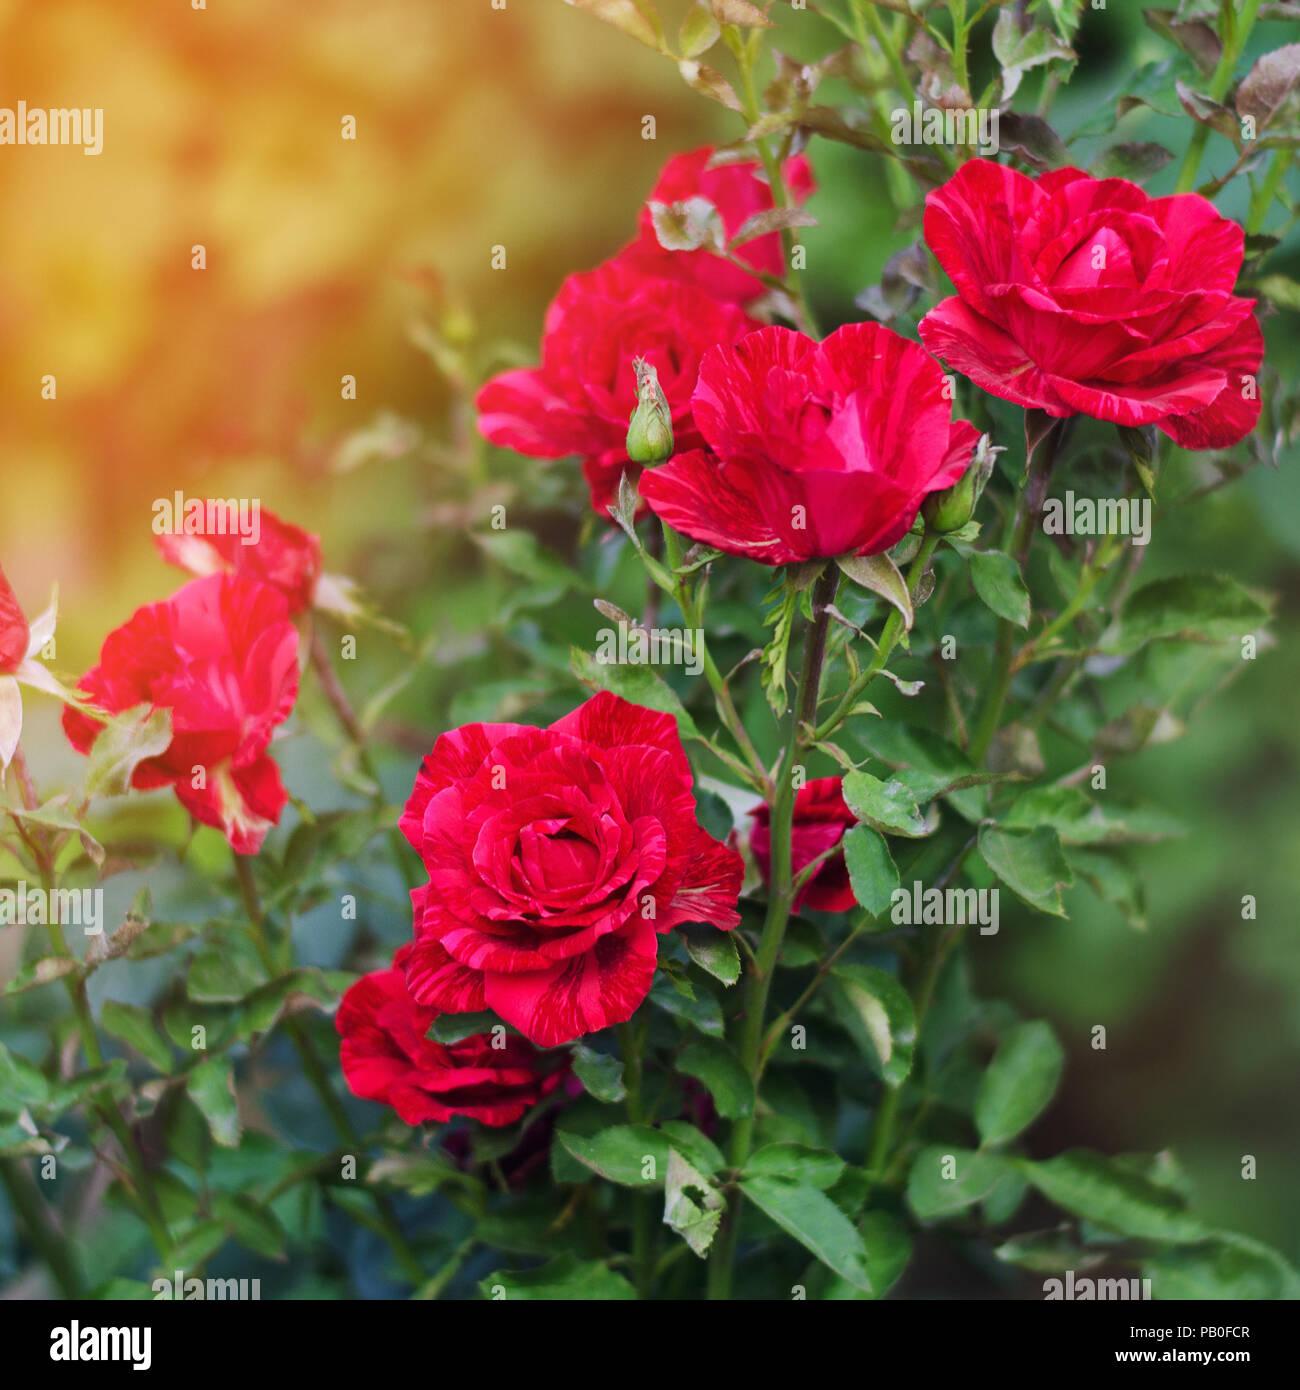 Hermosas Rosas Rojas En El Jardin La Naturaleza Papel Tapiz Flores